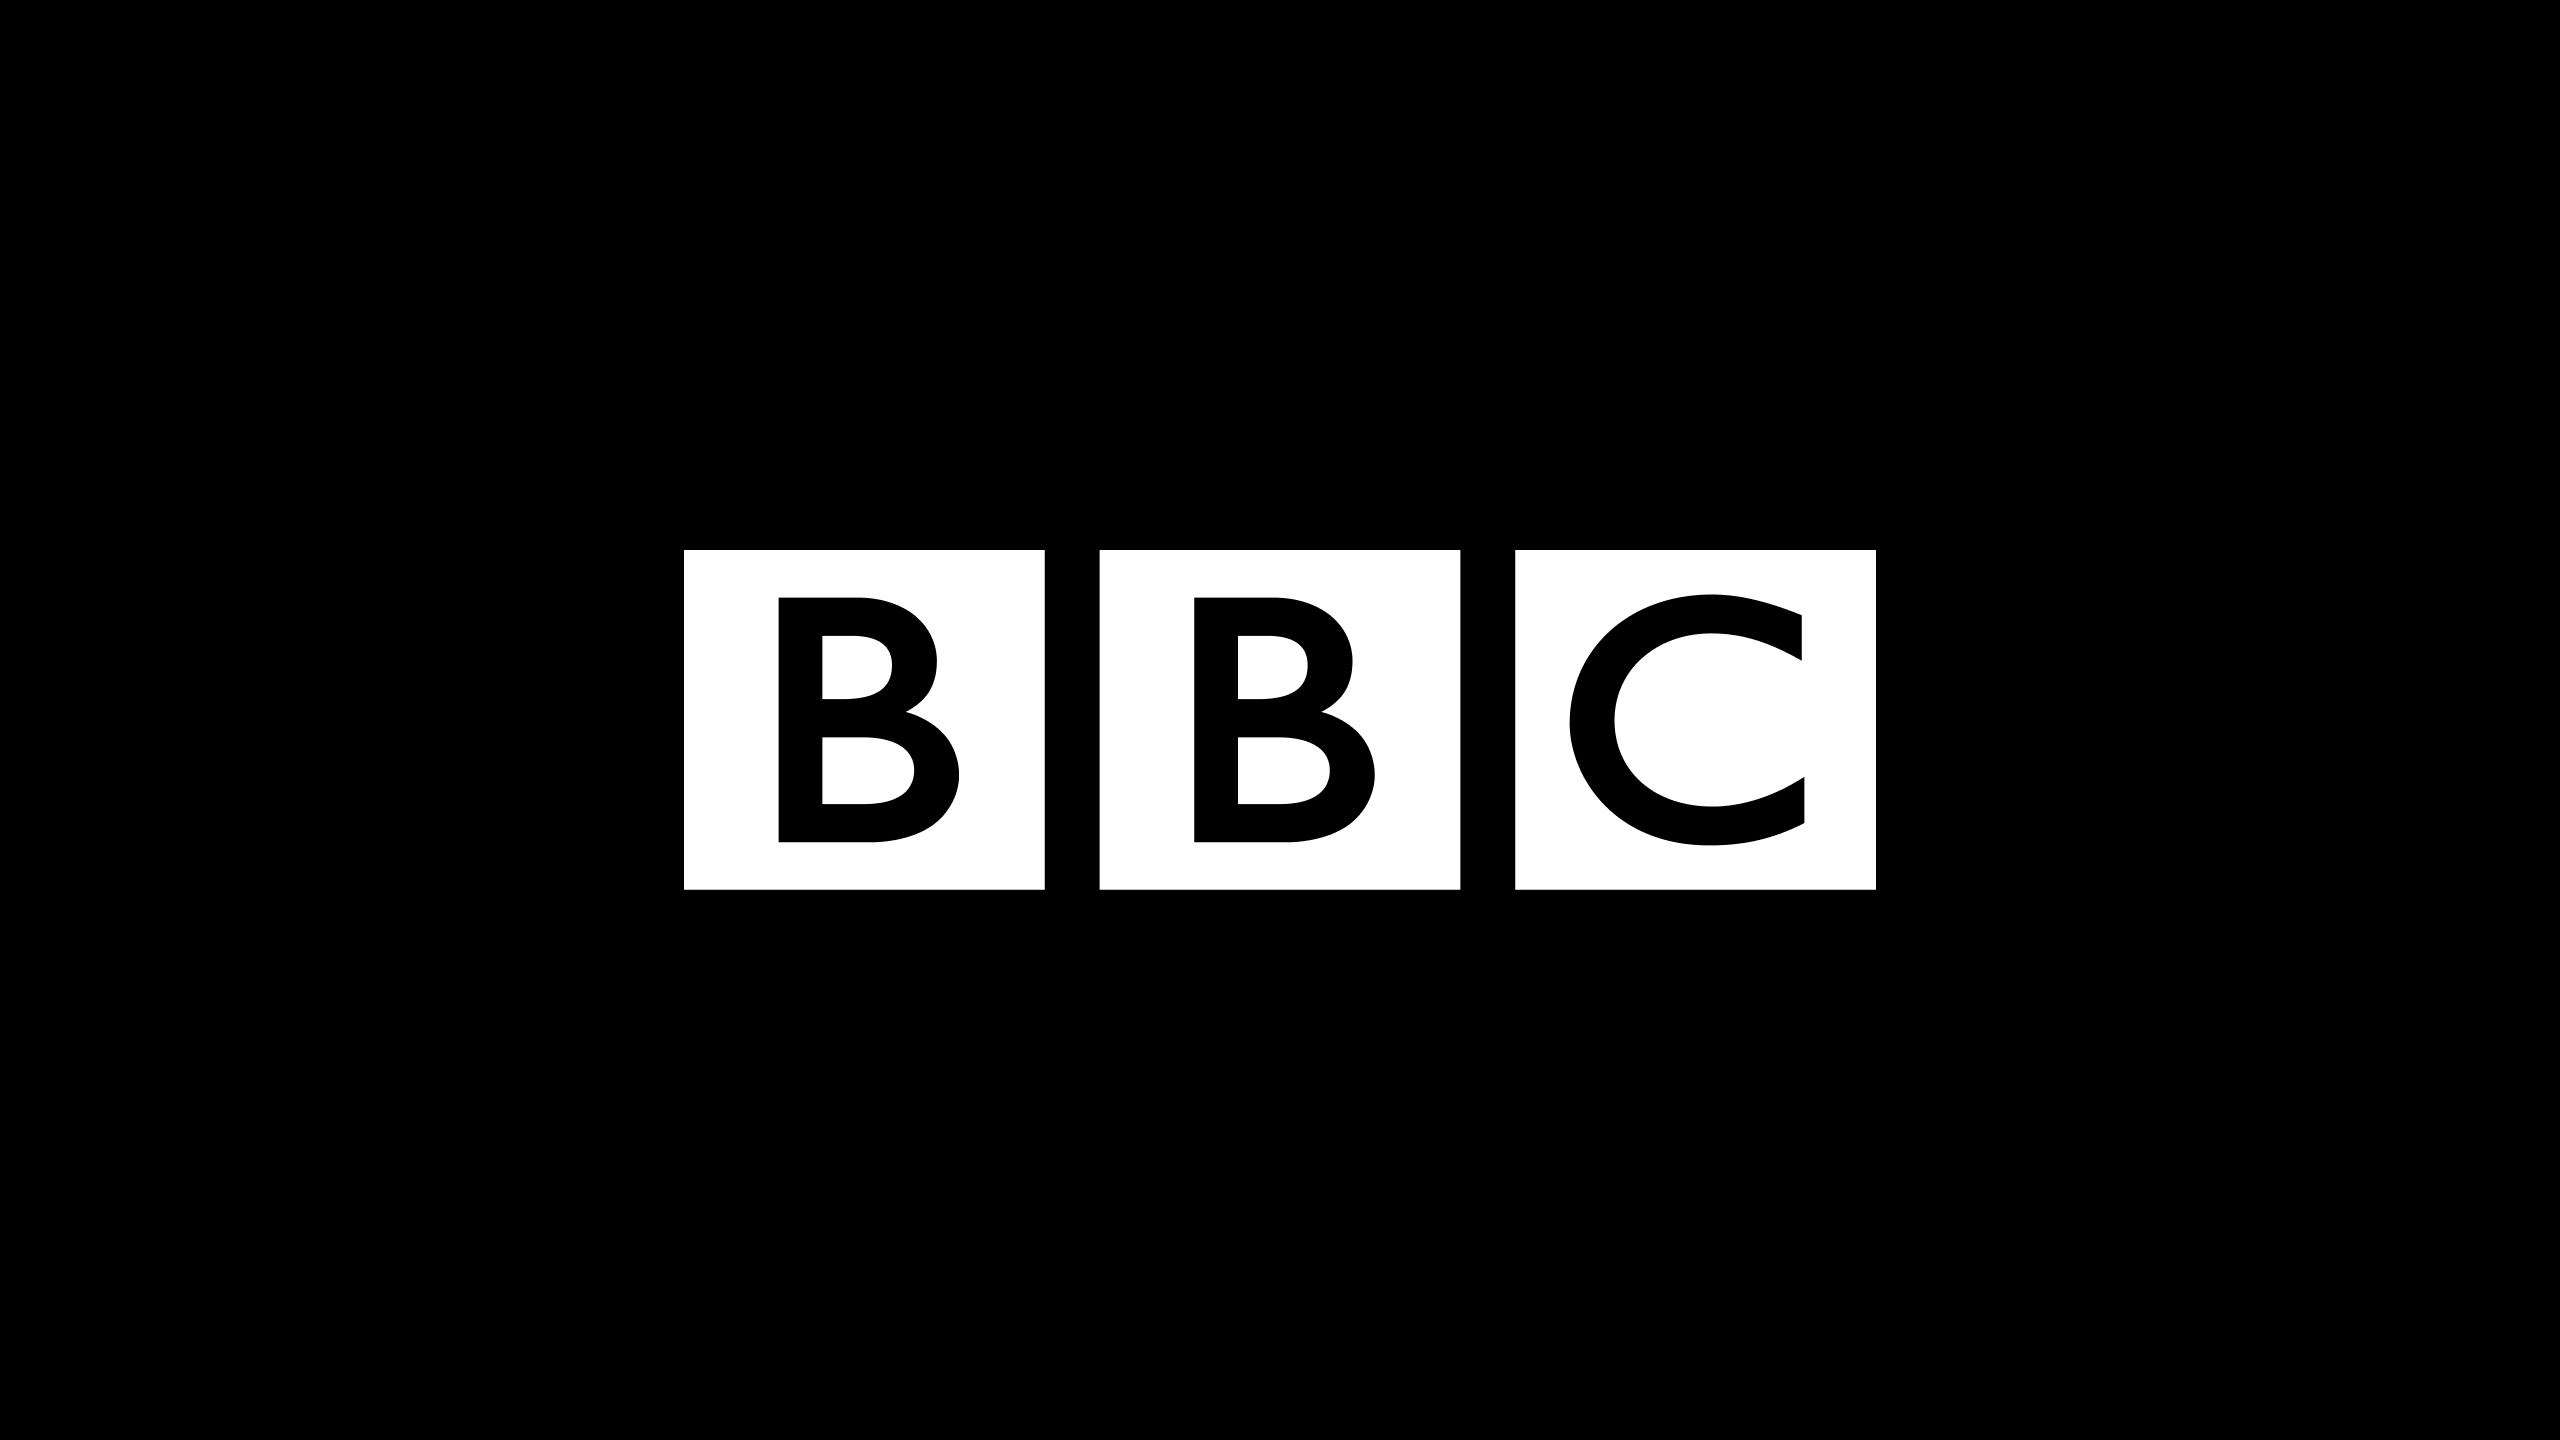 feedback-friday-bbc